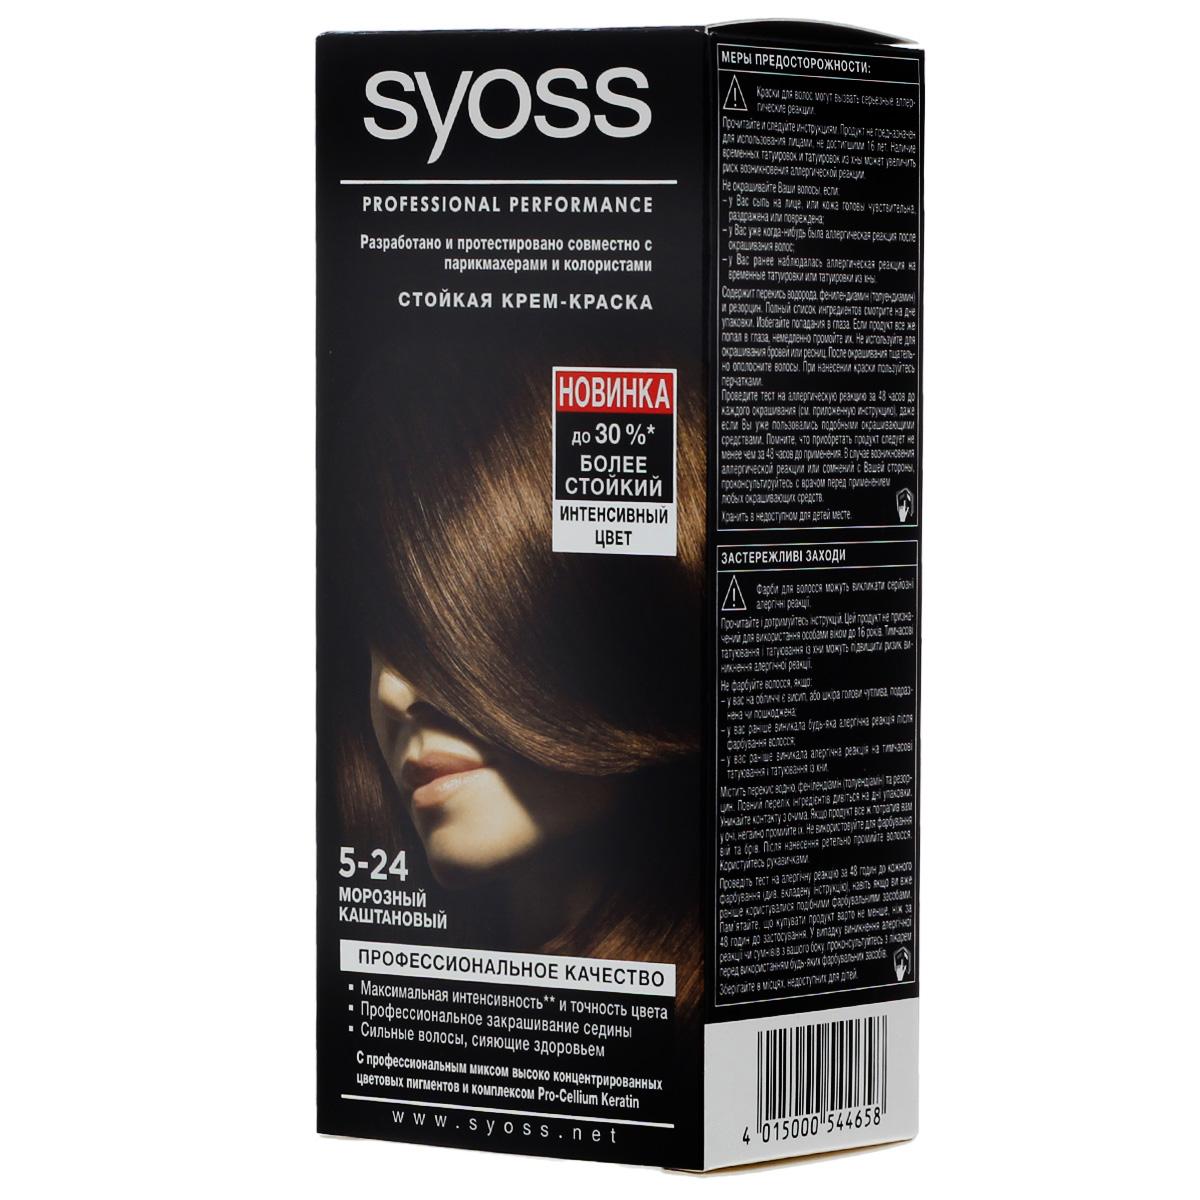 Syoss Color Краска для волос оттенок 5-24 Морозный каштановый, 115 мл93931181Откройте для себя профессиональное качество окрашивания с красками Syoss, разработанными и протестированными совместно с парикмахерами и колористами. Превосходный результат, как после посещения салона. Высокоэффективная формула закрепляет интенсивные цветовые пигменты глубоко внутри волоса, обеспечивая насыщенный, точный результат окрашивания и блеск волос, а также превосходное закрашивание седины. Кондиционер SYOSS «Защита Цвета- с комплексом Pro-Cellium Keratin и Провитамином Б5 способствует восстановлению волос изнутри – для сильных волос и стойкого, насыщенного цвета, полного блеска.